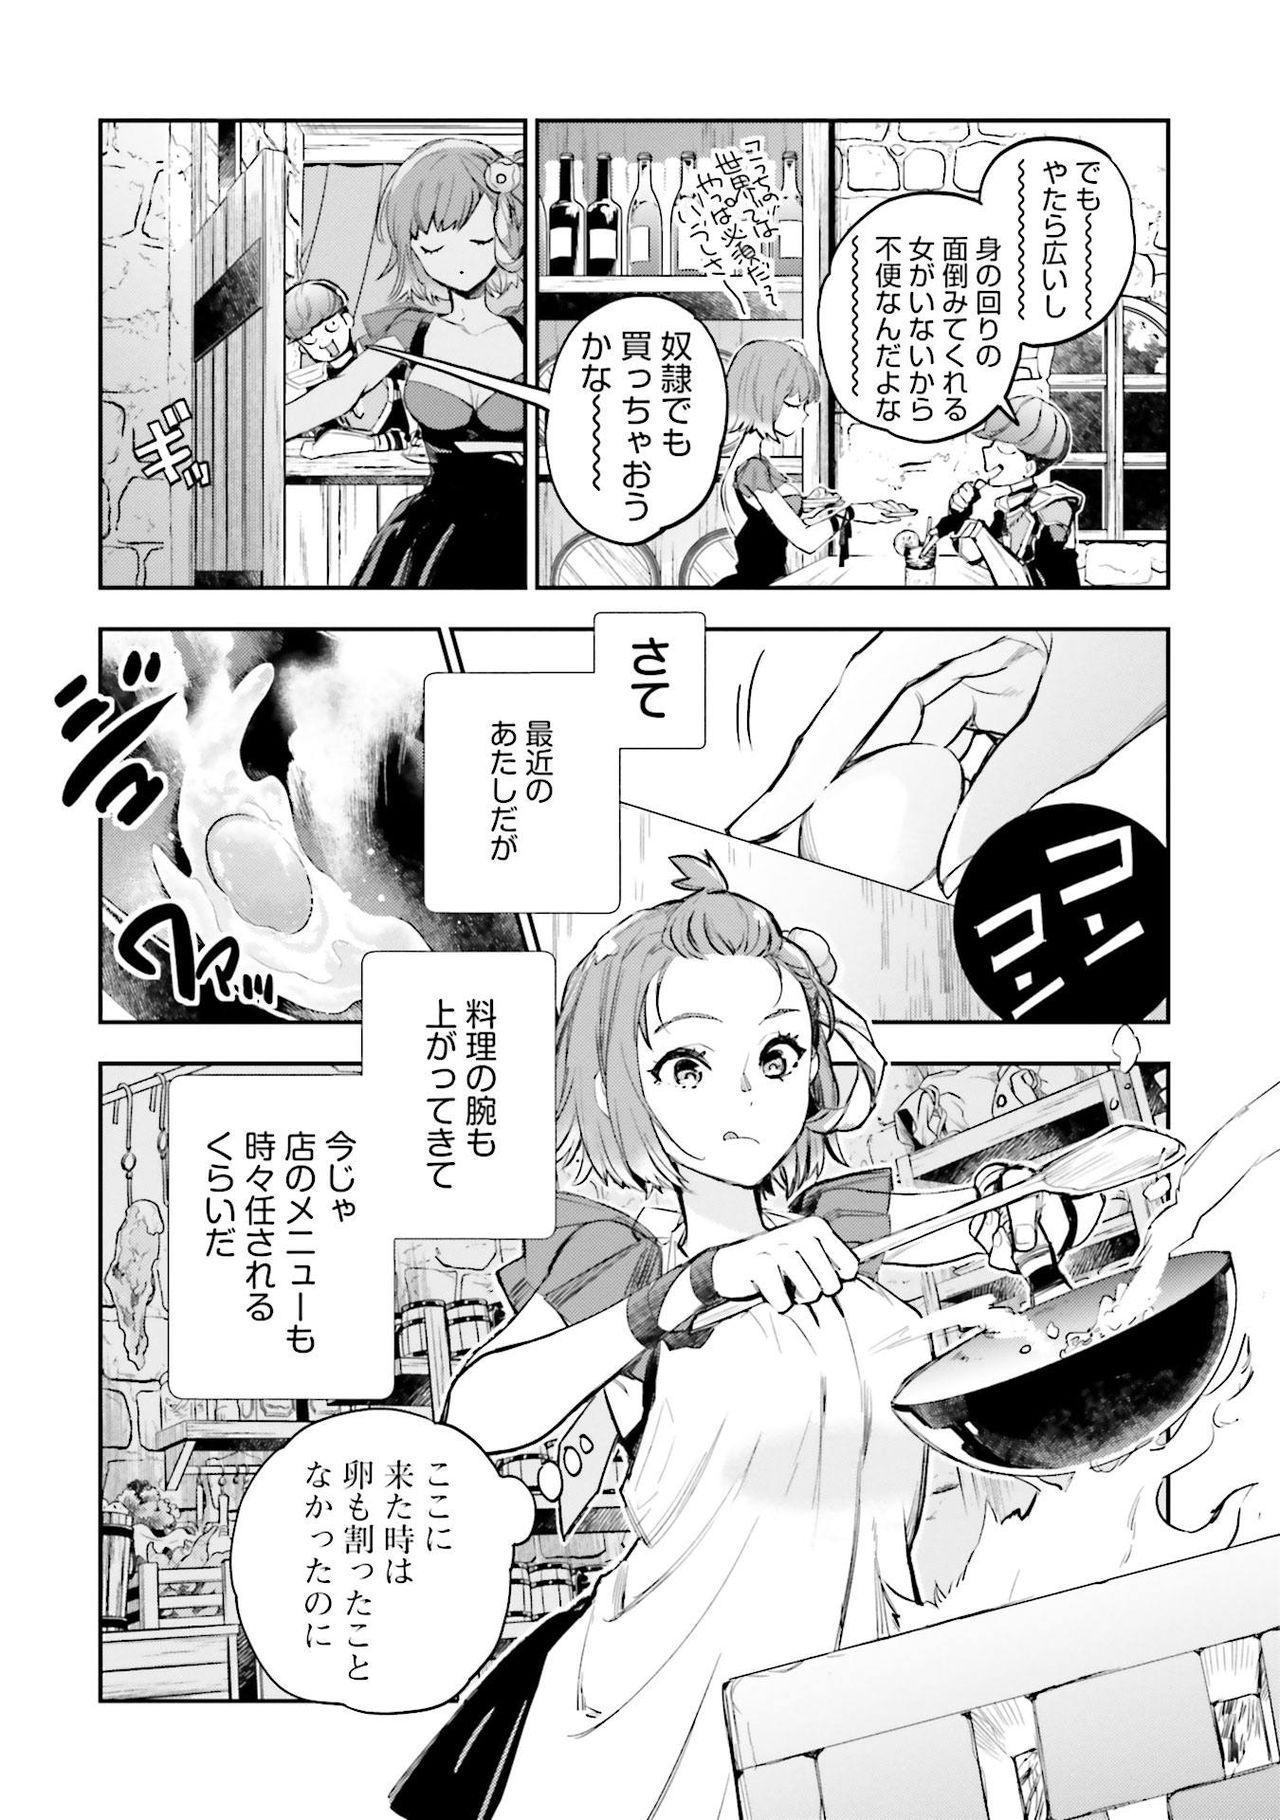 JK Haru wa Isekai de Shoufu ni Natta 1-14 306